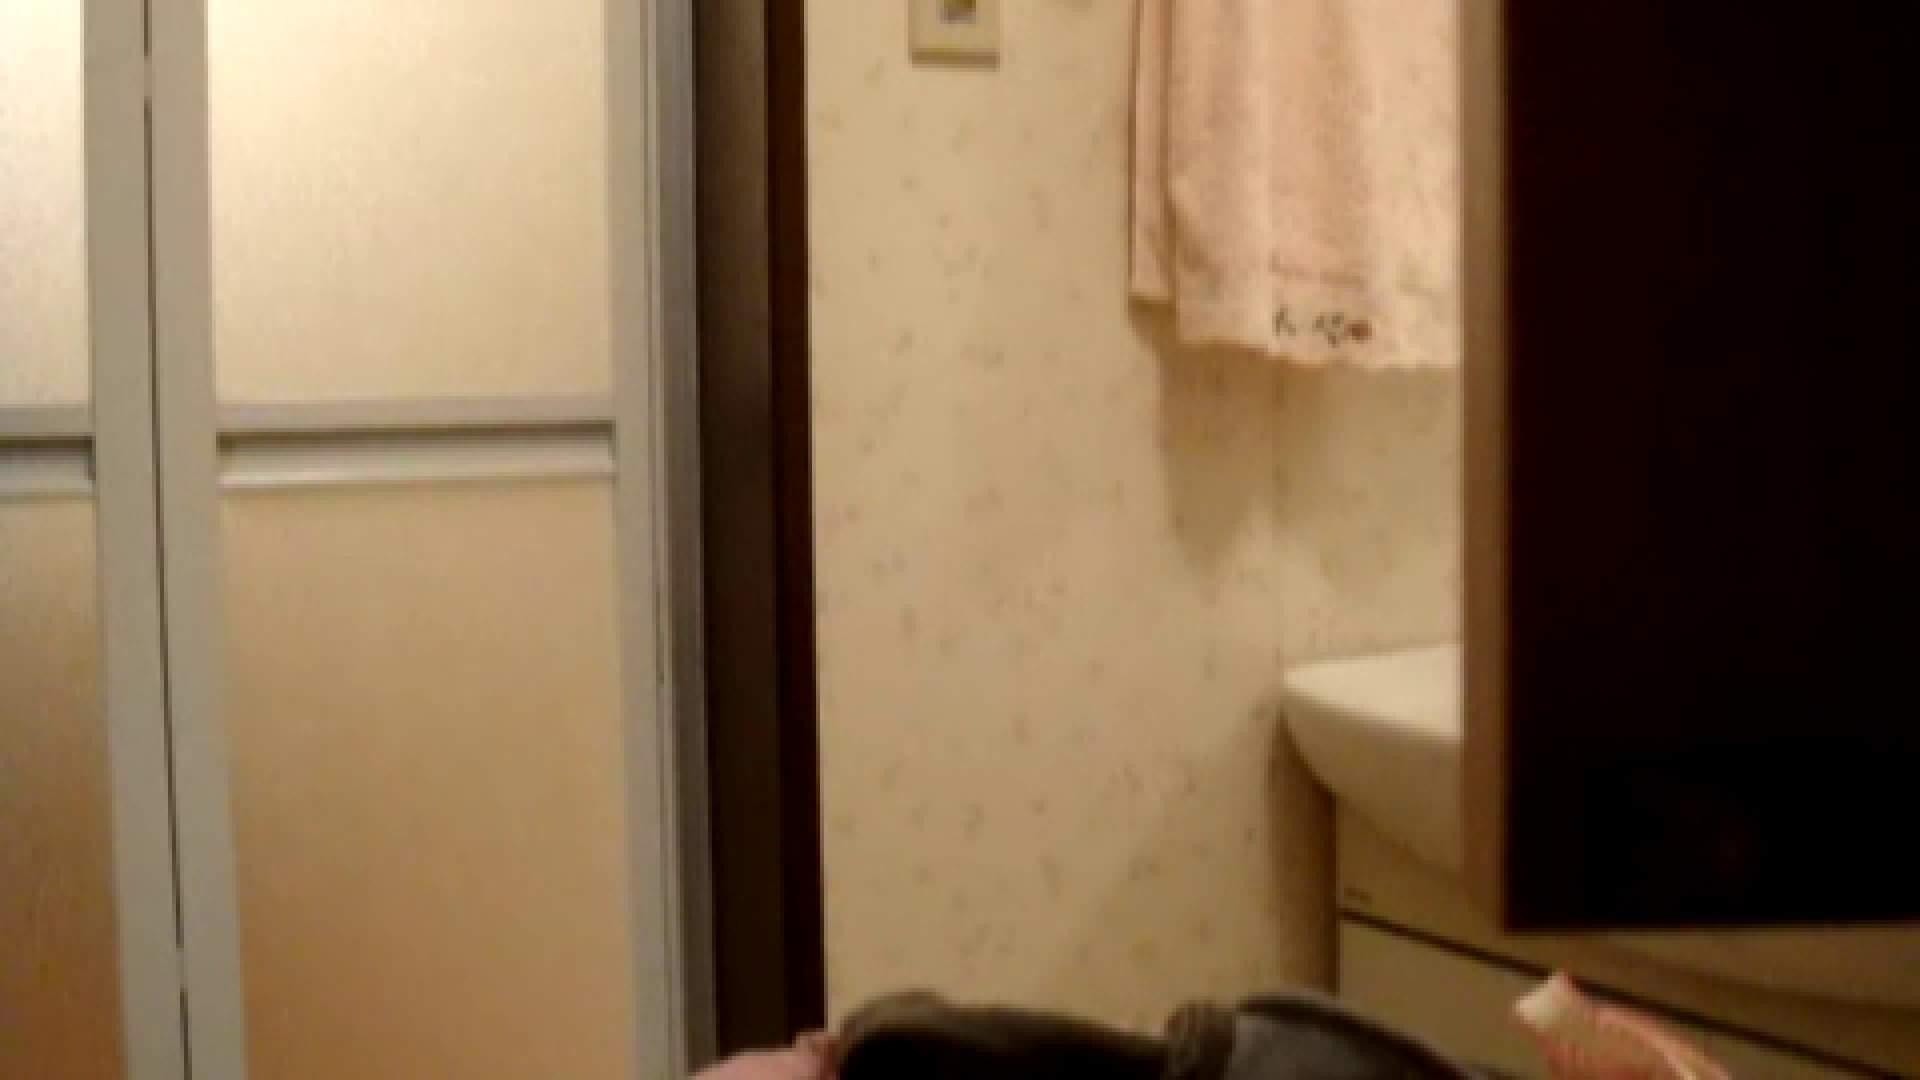 二人とも育てた甲斐がありました… vol.08 まどかの入浴中にカメラに気付いたか!? OLのエロ生活   ギャル入浴  71連発 61